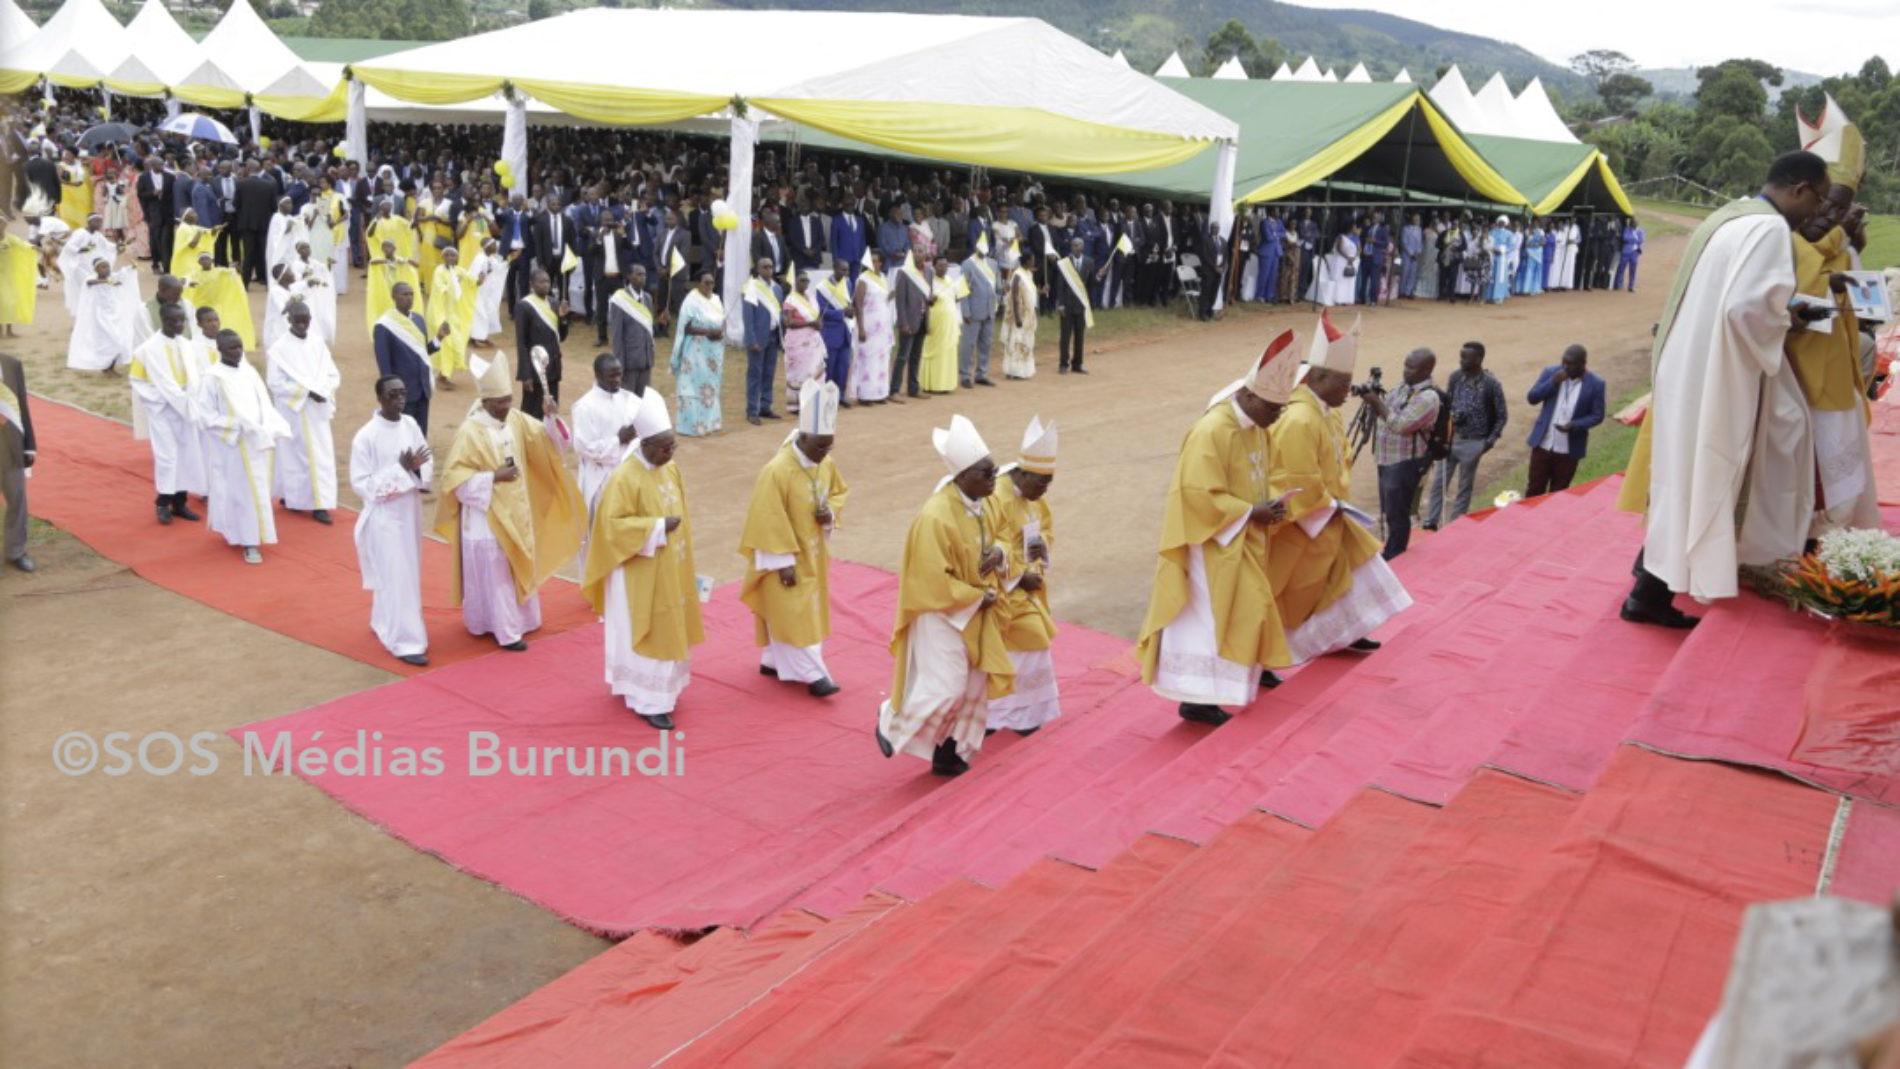 Burundi : les évêques catholiques annoncent une hausse du salaire des catéchistes